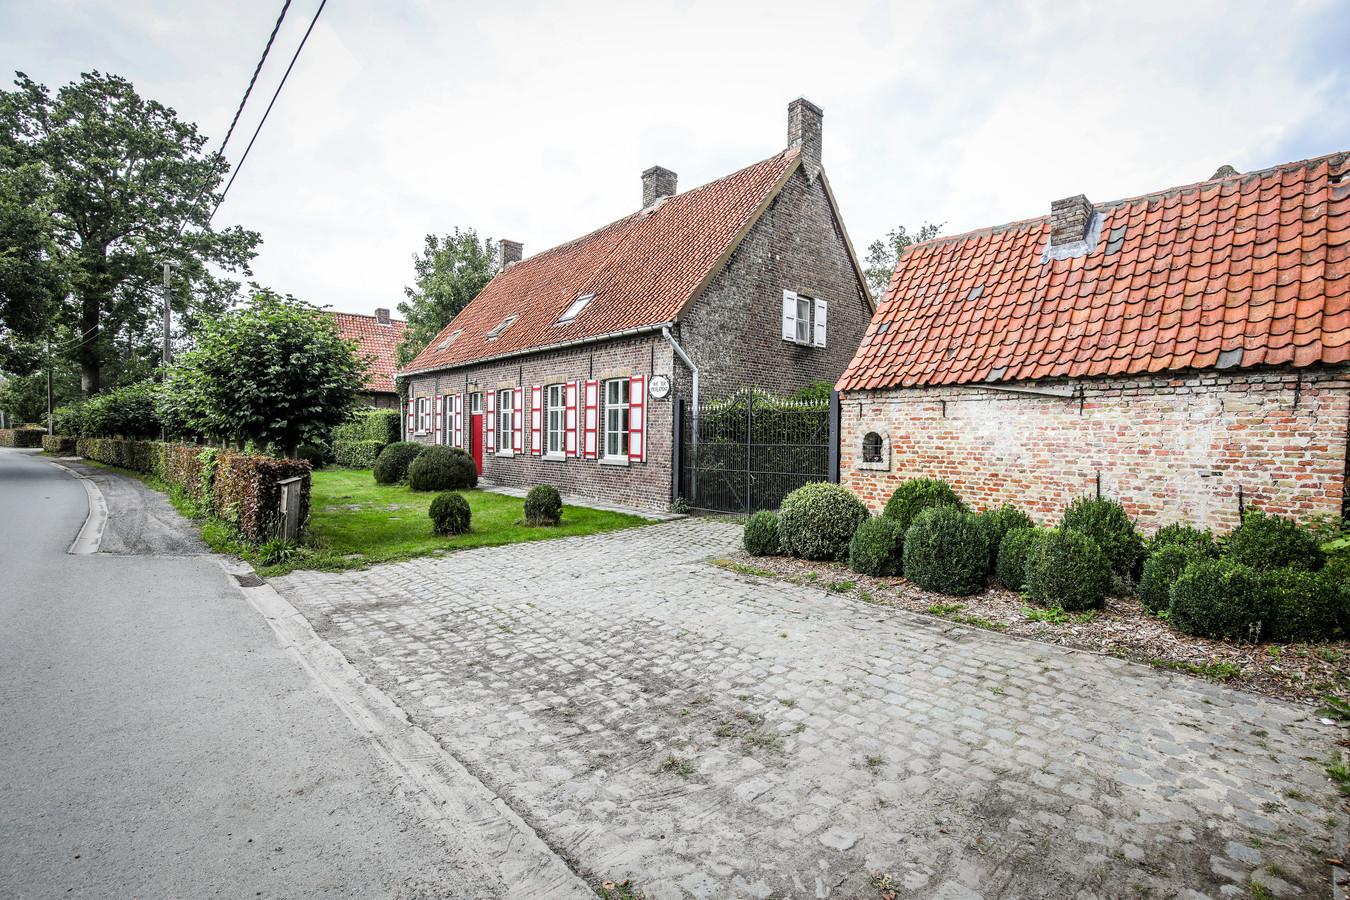 Kijkboerderij Pierlapont is een ideaal startpunt voor verscheidene wandel- en fietsroutes.